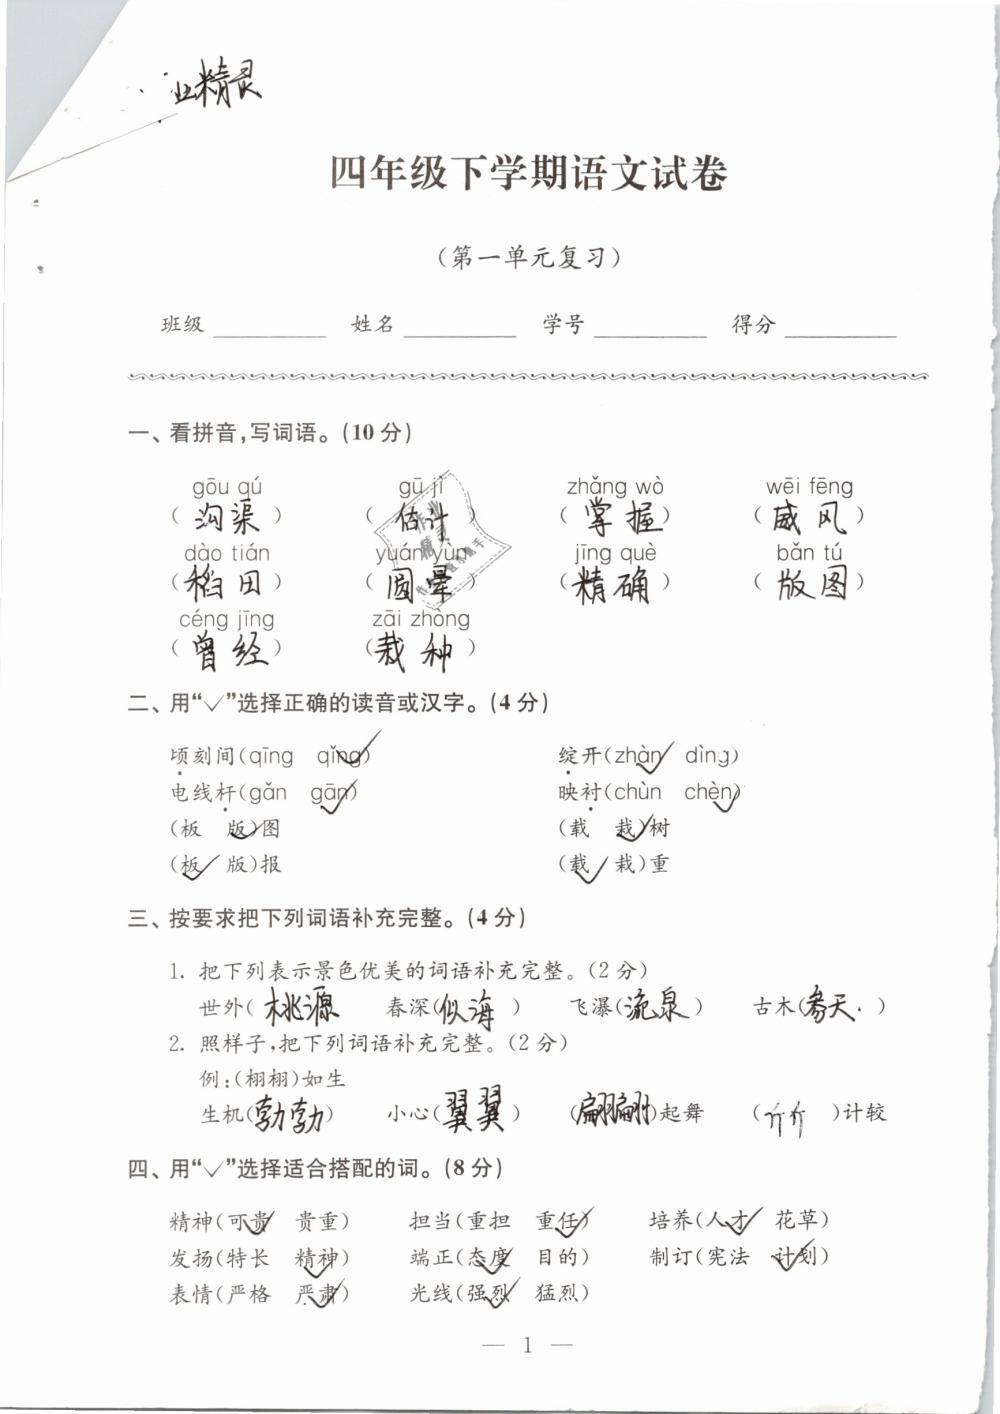 2019年强化拓展卷小学语文四年级下册苏教版提优版参考答案第1页